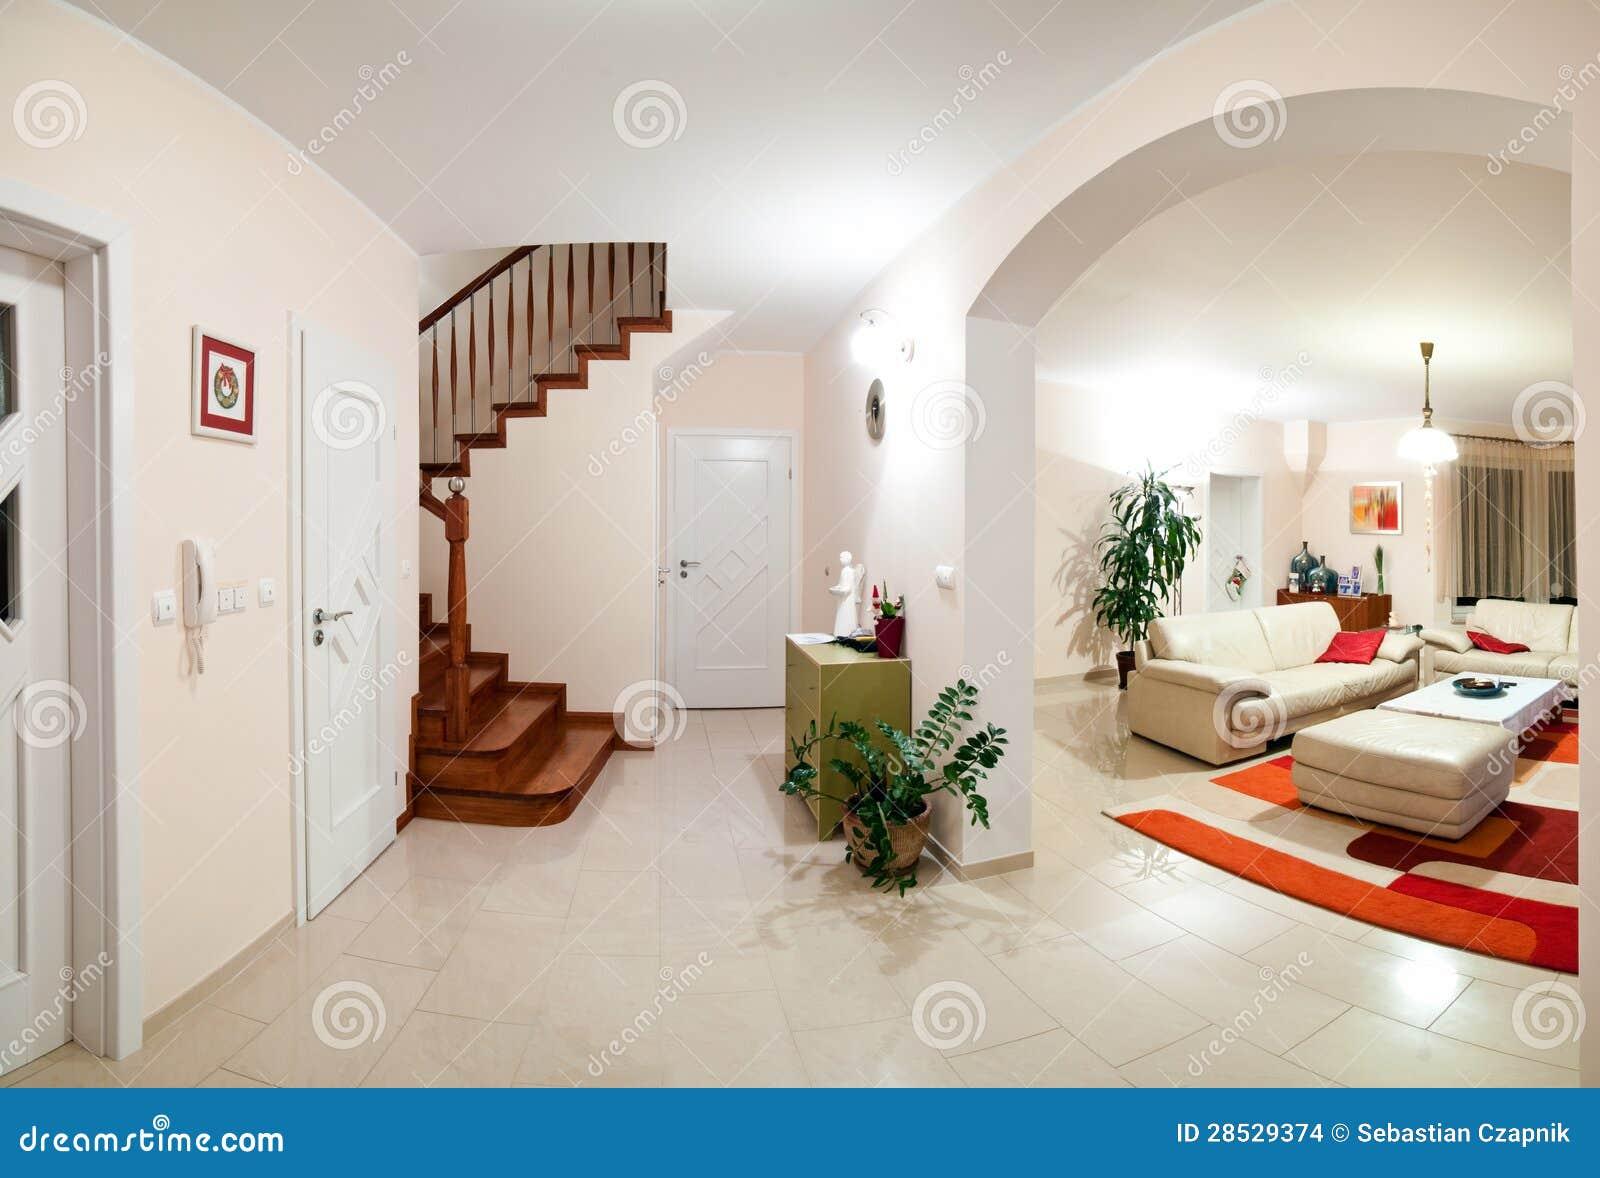 thumbs.dreamstime.com/z/intérieur-de-maison-moderne-28529374